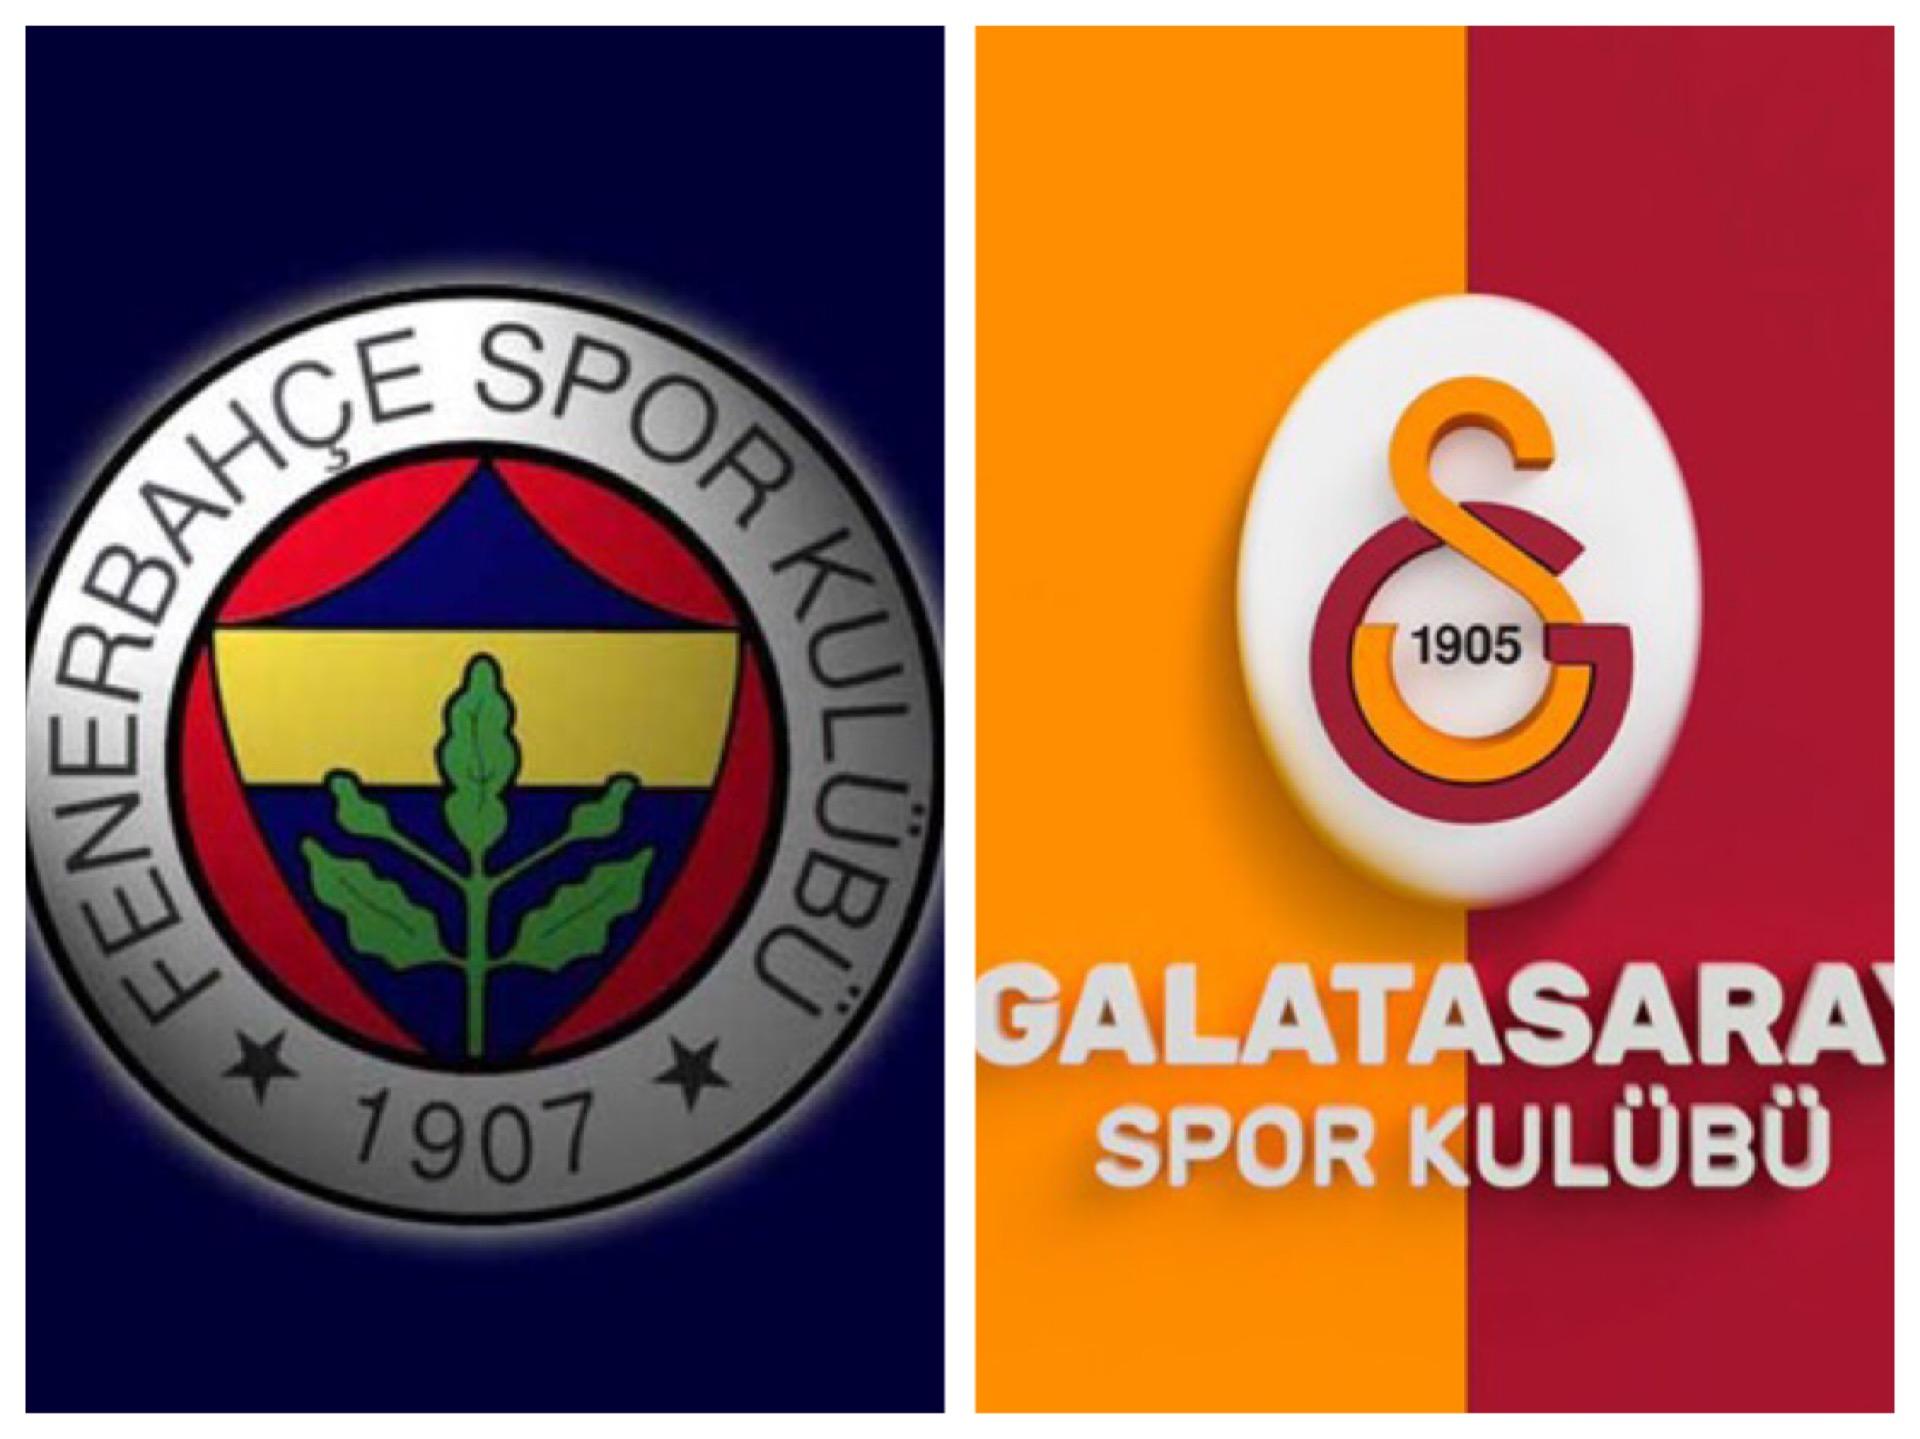 Fenerbahçe ve Galatasaray 'dan ortak mağaza